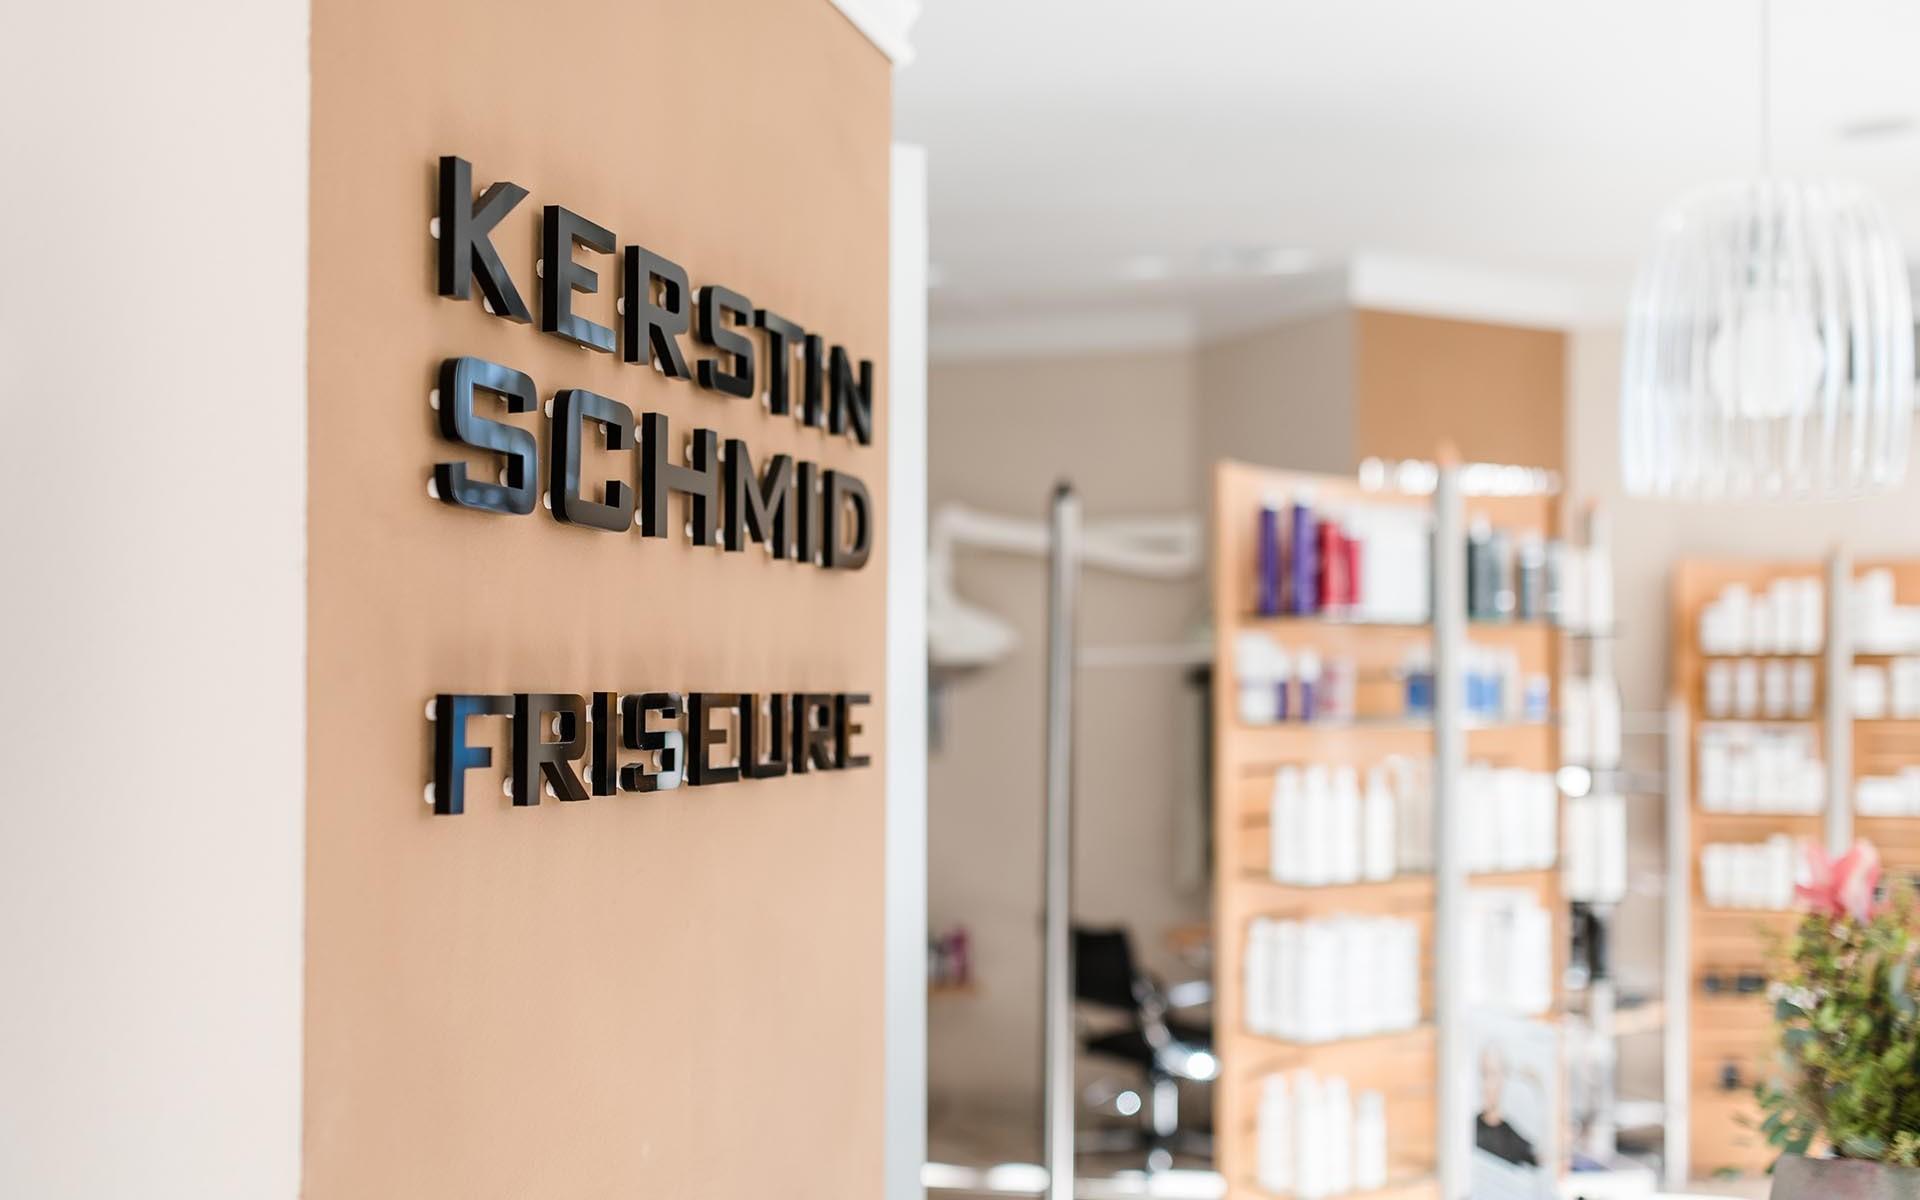 Friseur Regensburg - Kerstin Schmid Friseure - La Biosthétique